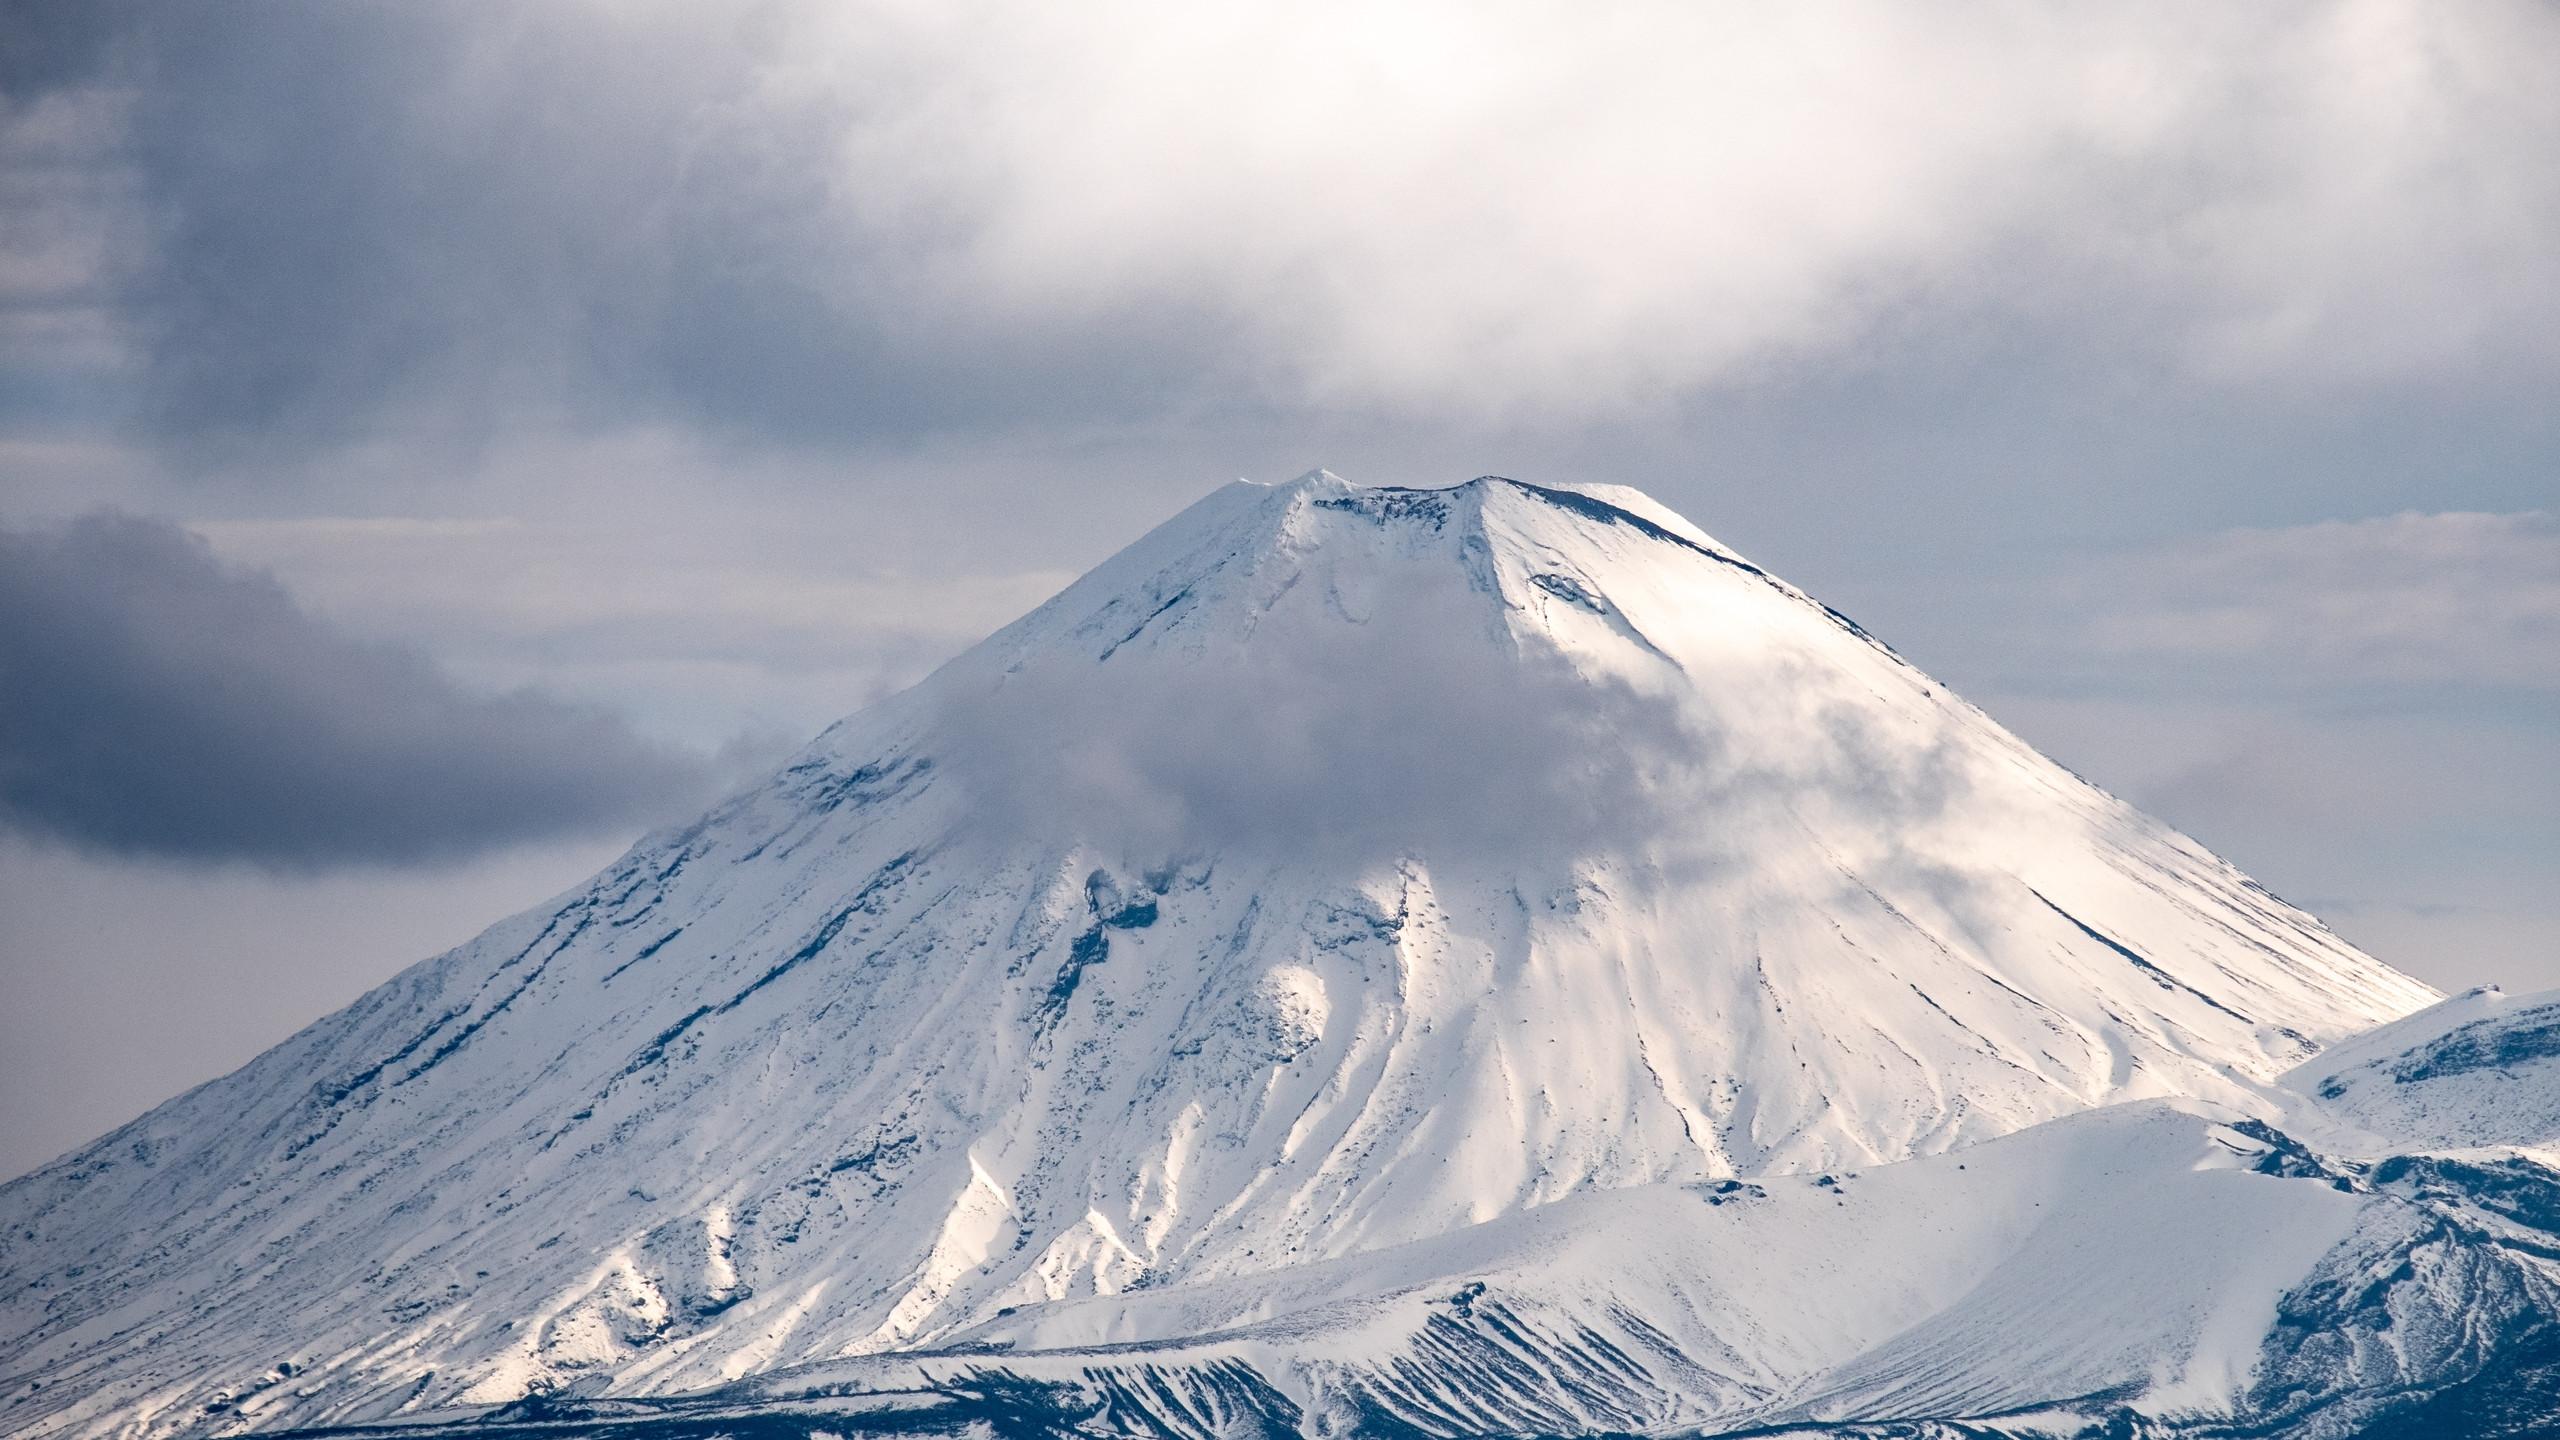 Volcano Taranaki, New Zealand attractions, New Zealand activities, what to visit in New Zealand